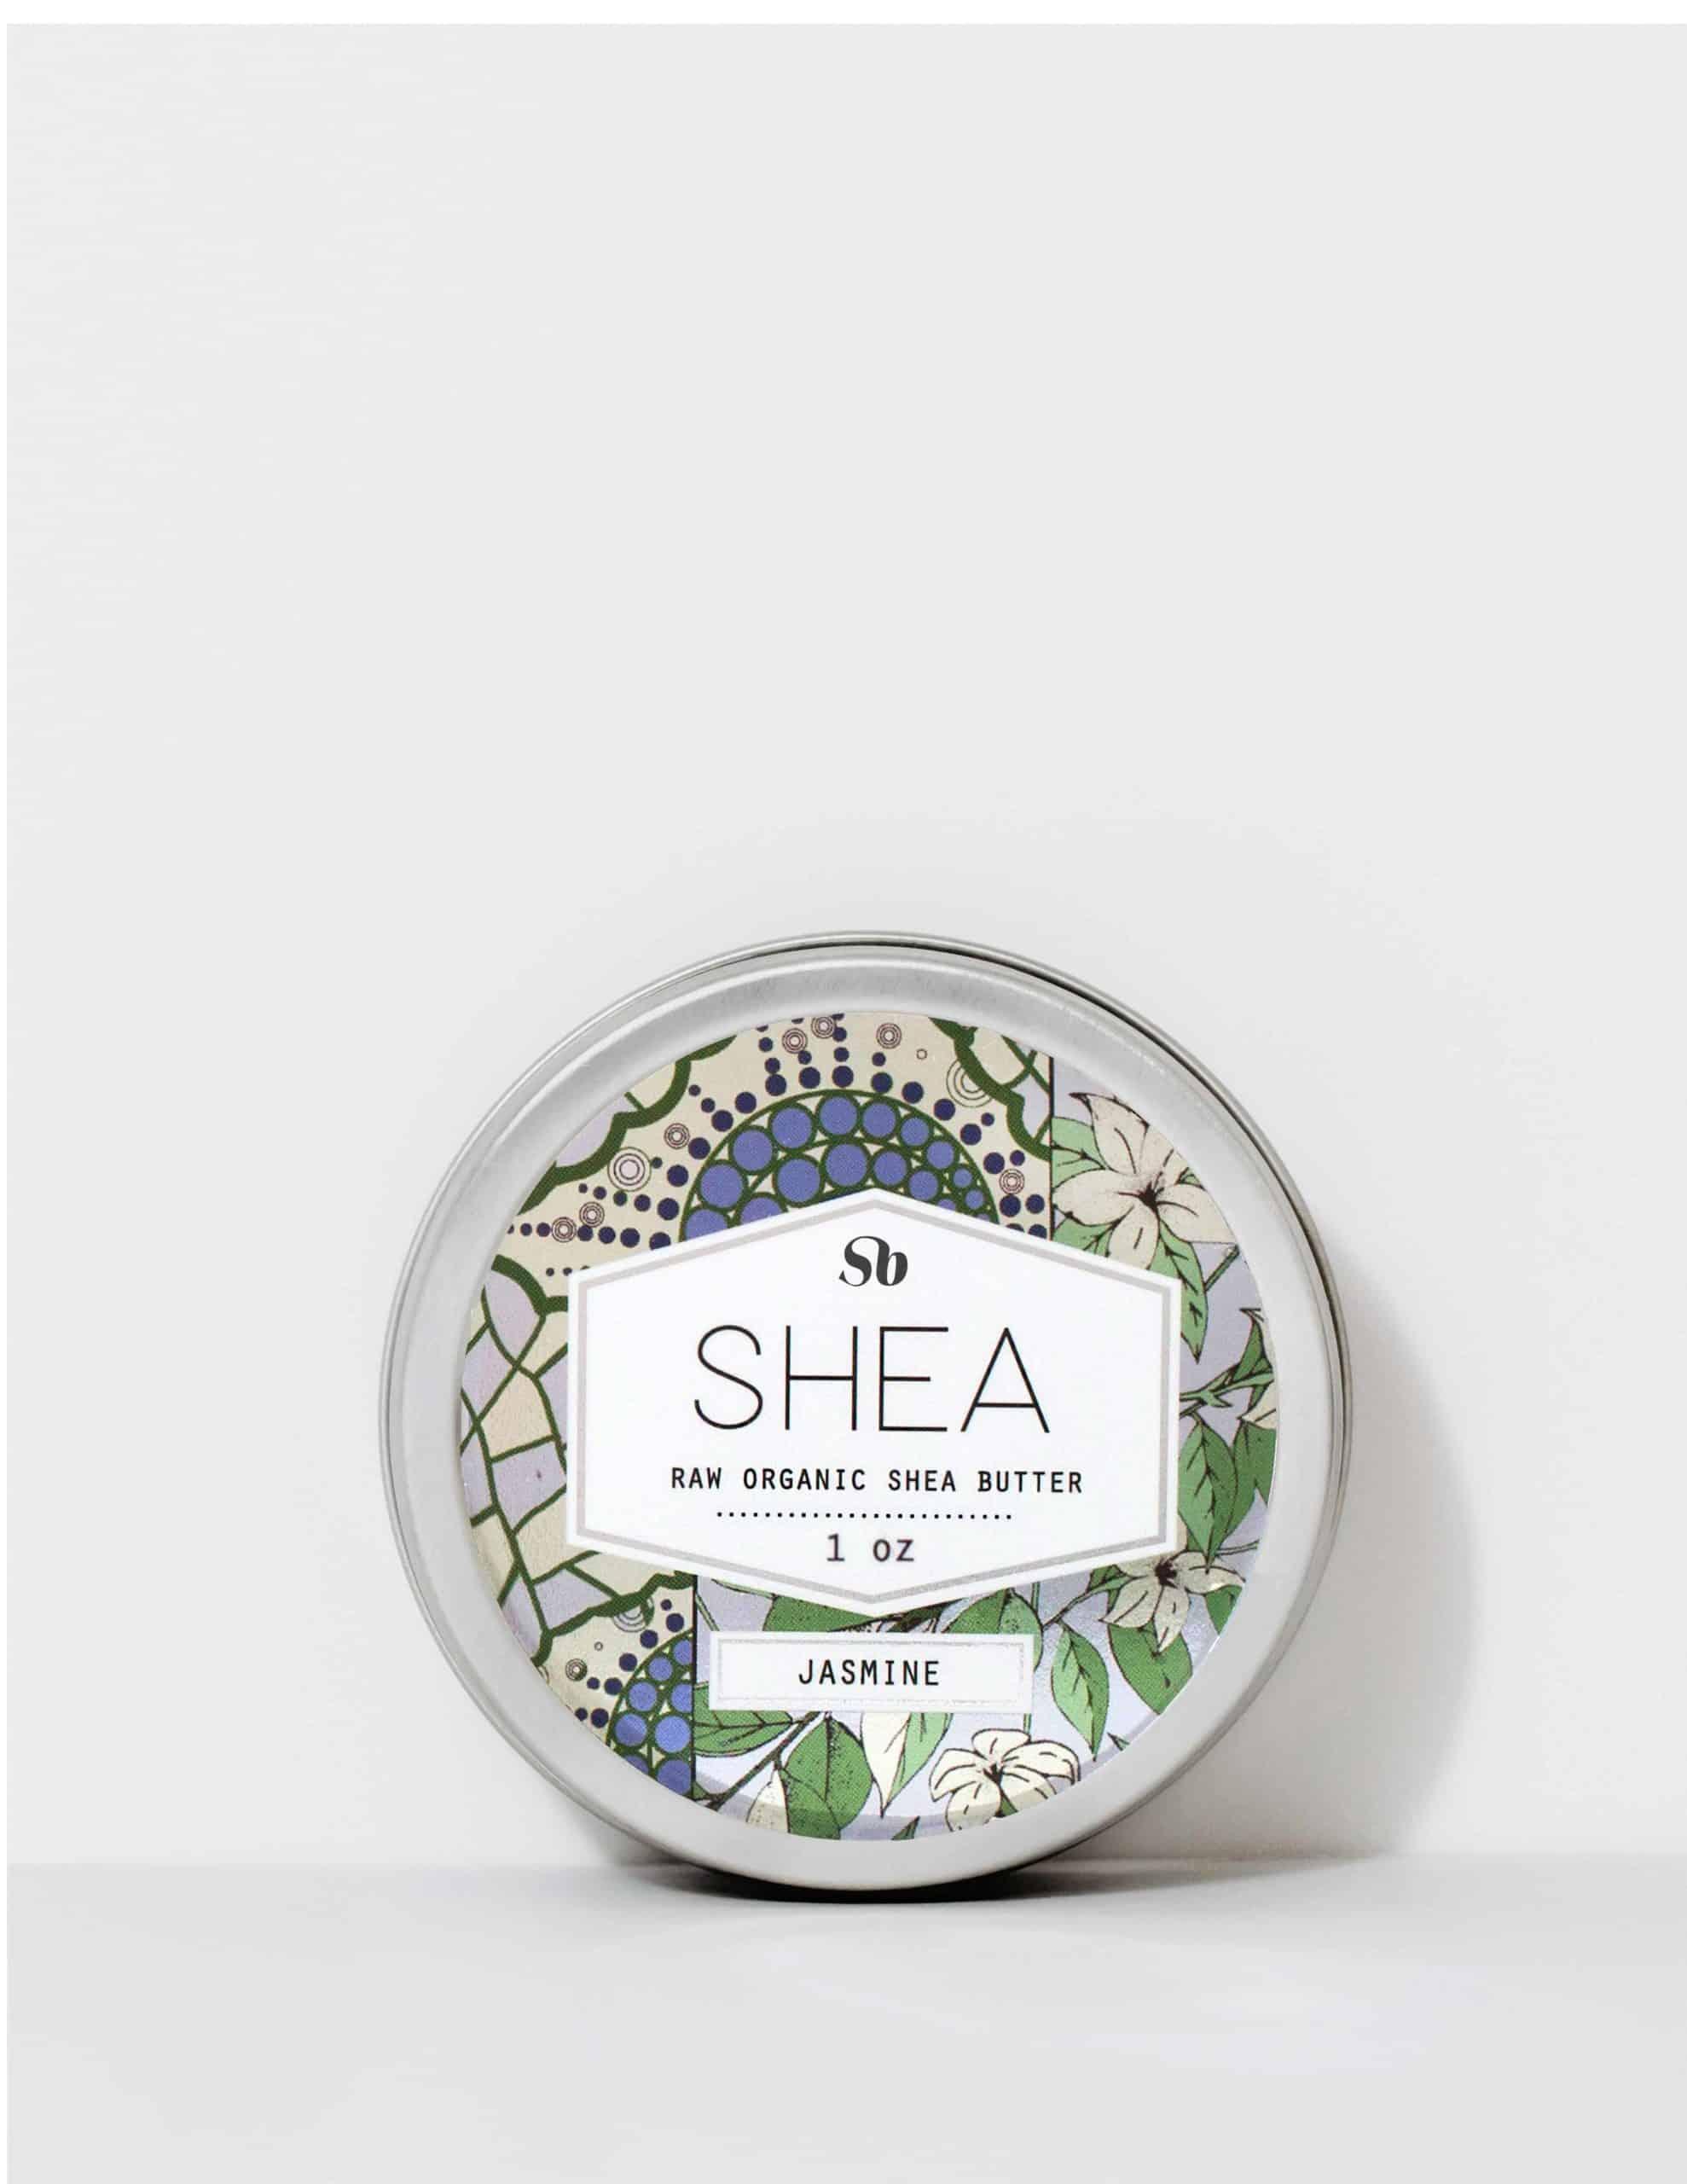 sheabrand Shea Butters